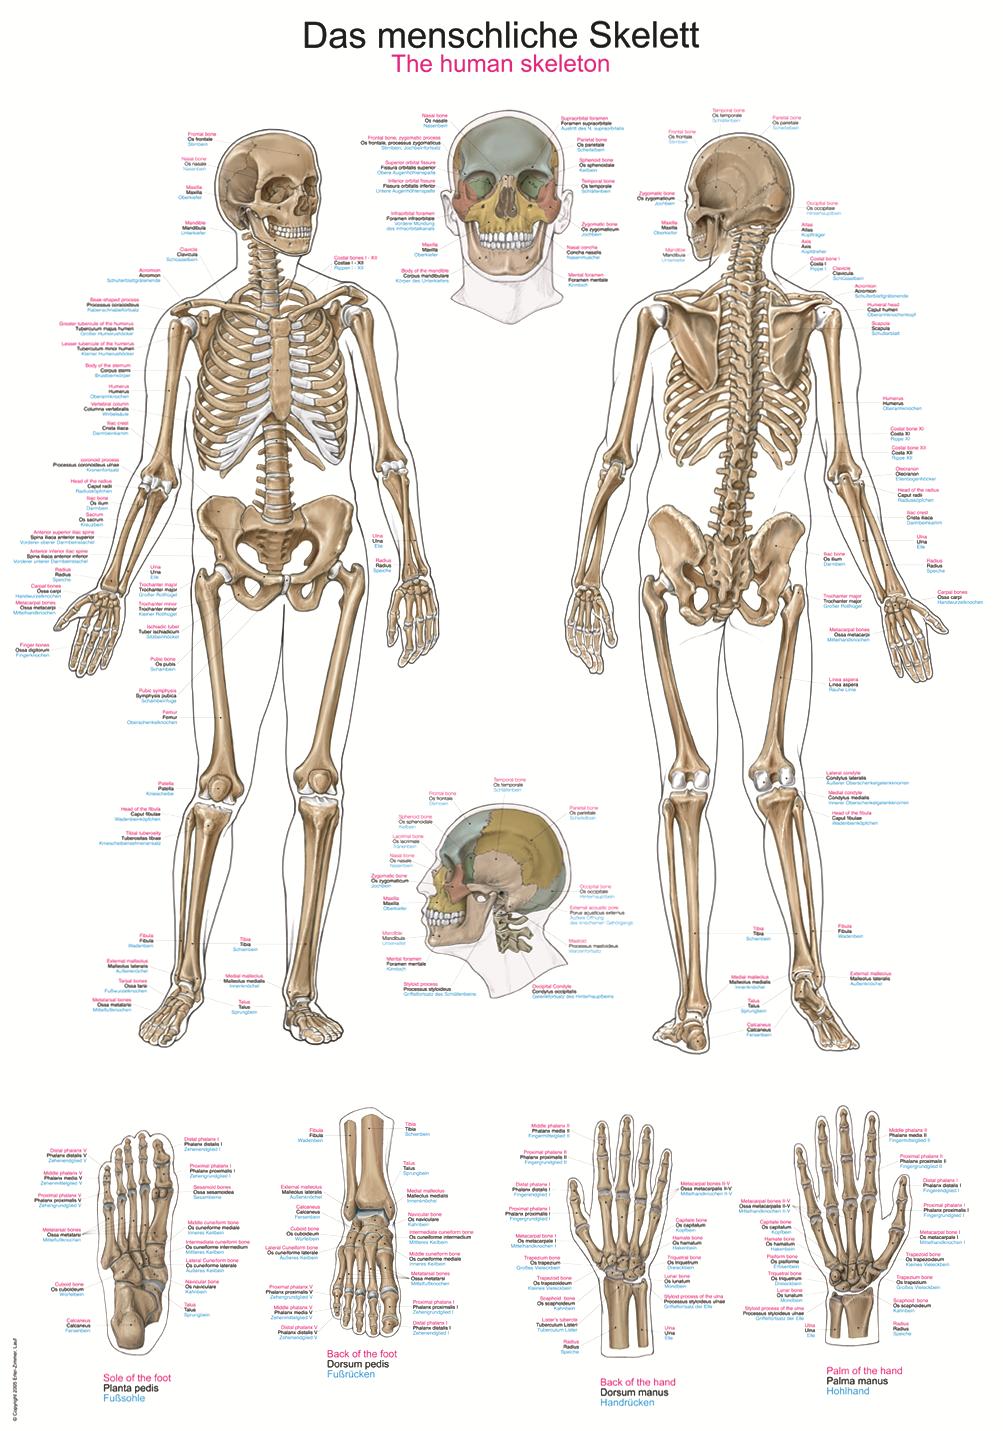 Ungewöhnlich Handskelettanatomie Galerie - Menschliche Anatomie ...